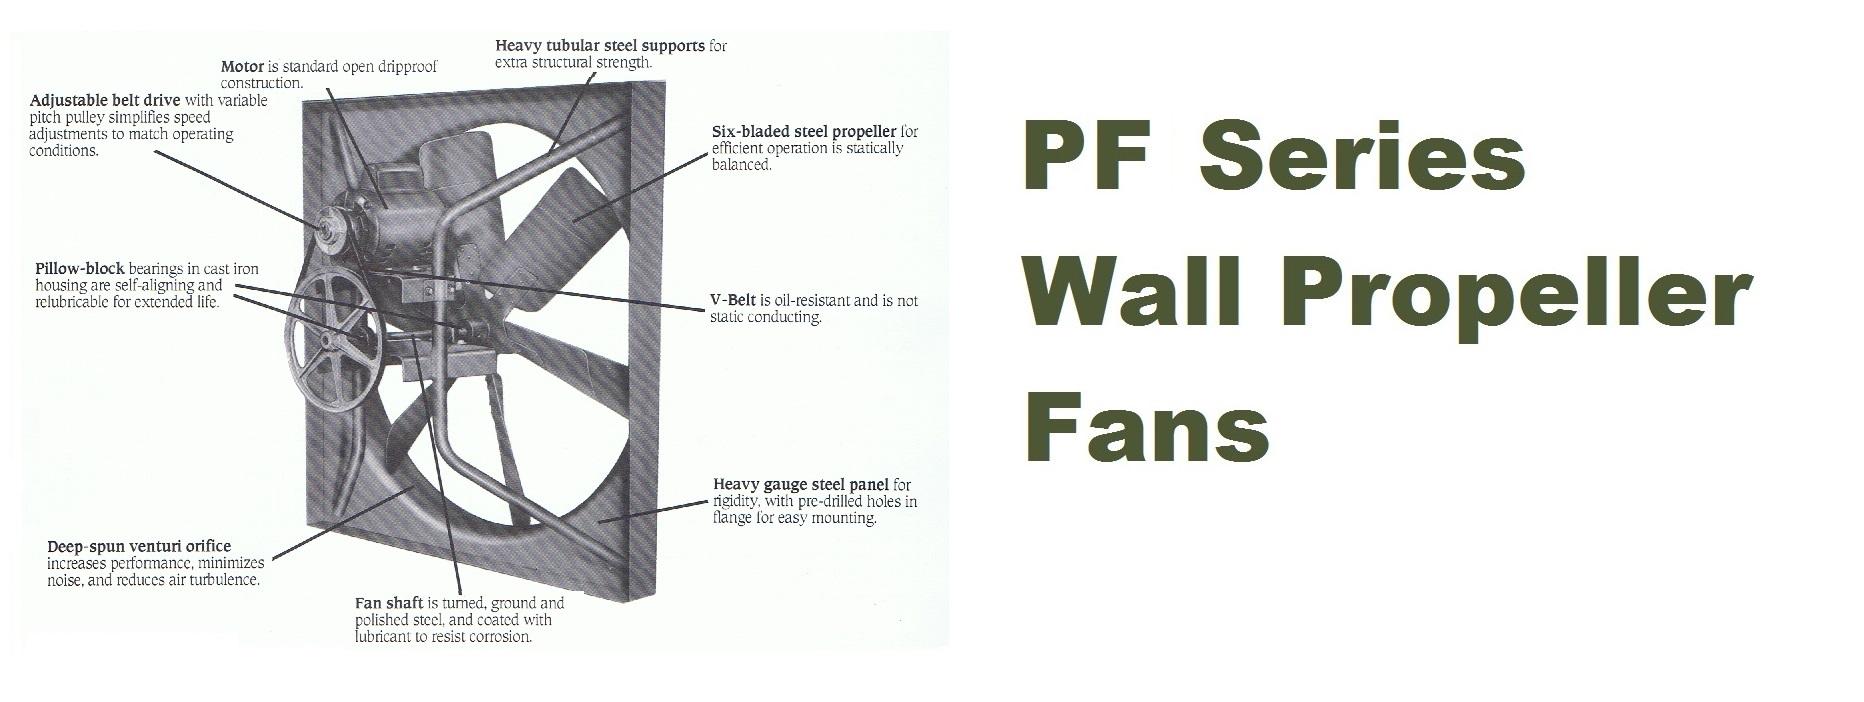 Pf Ilg Belt Drive Propeller Wall Exhaust Fans